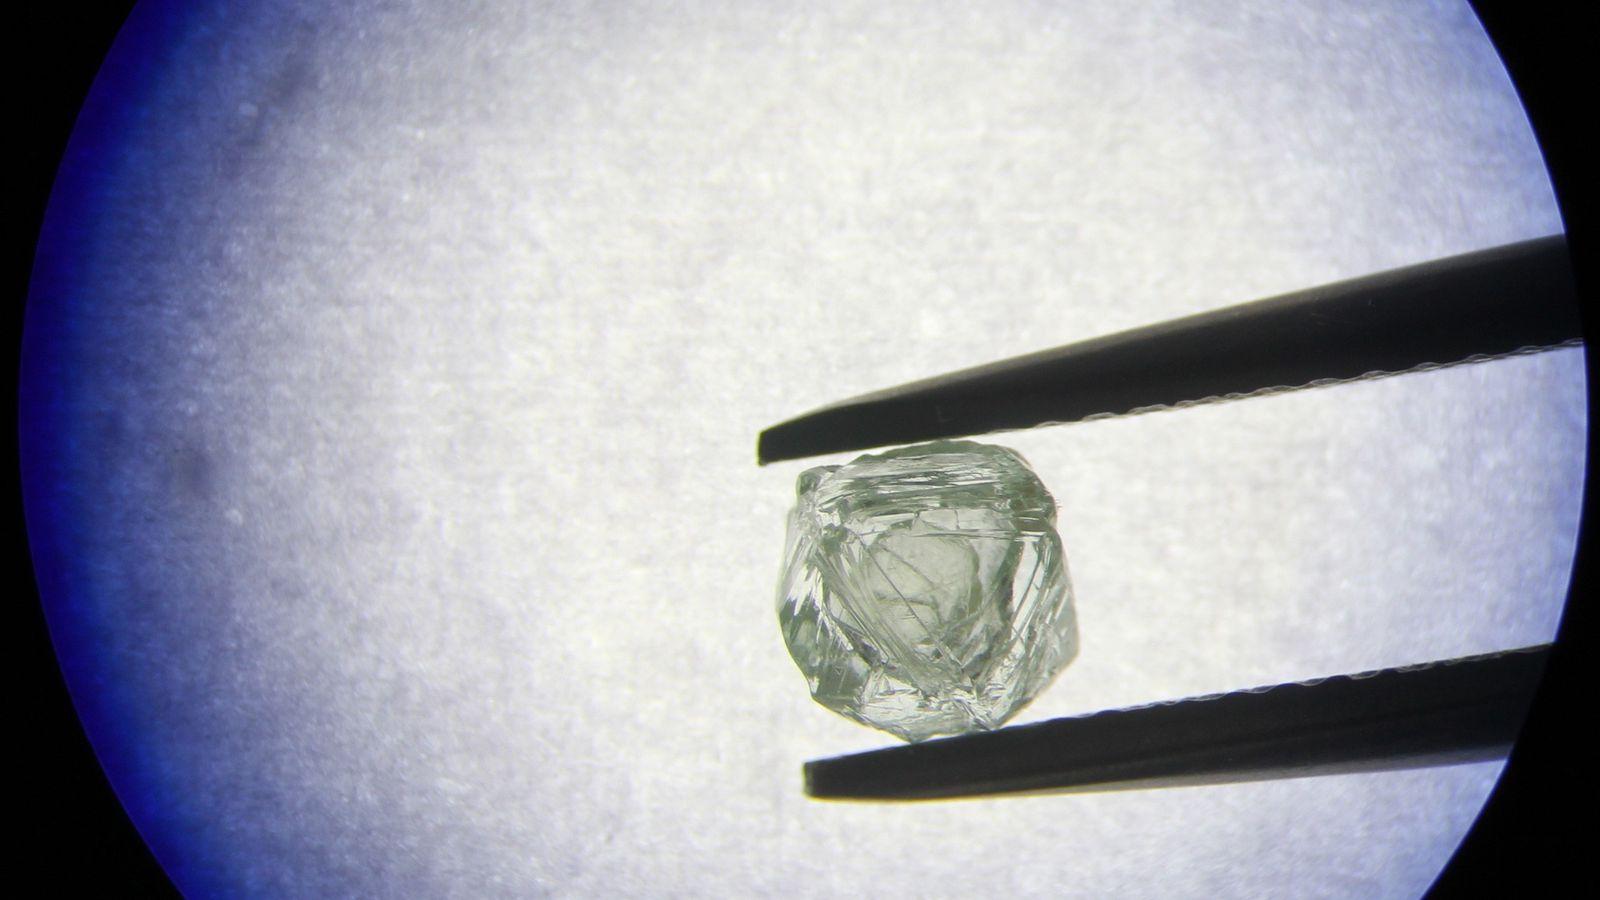 Em fenômeno inédito, diamante recém-encontrado chacoalha livremente no interior de outro diamante maior. Os cientistas estão ...